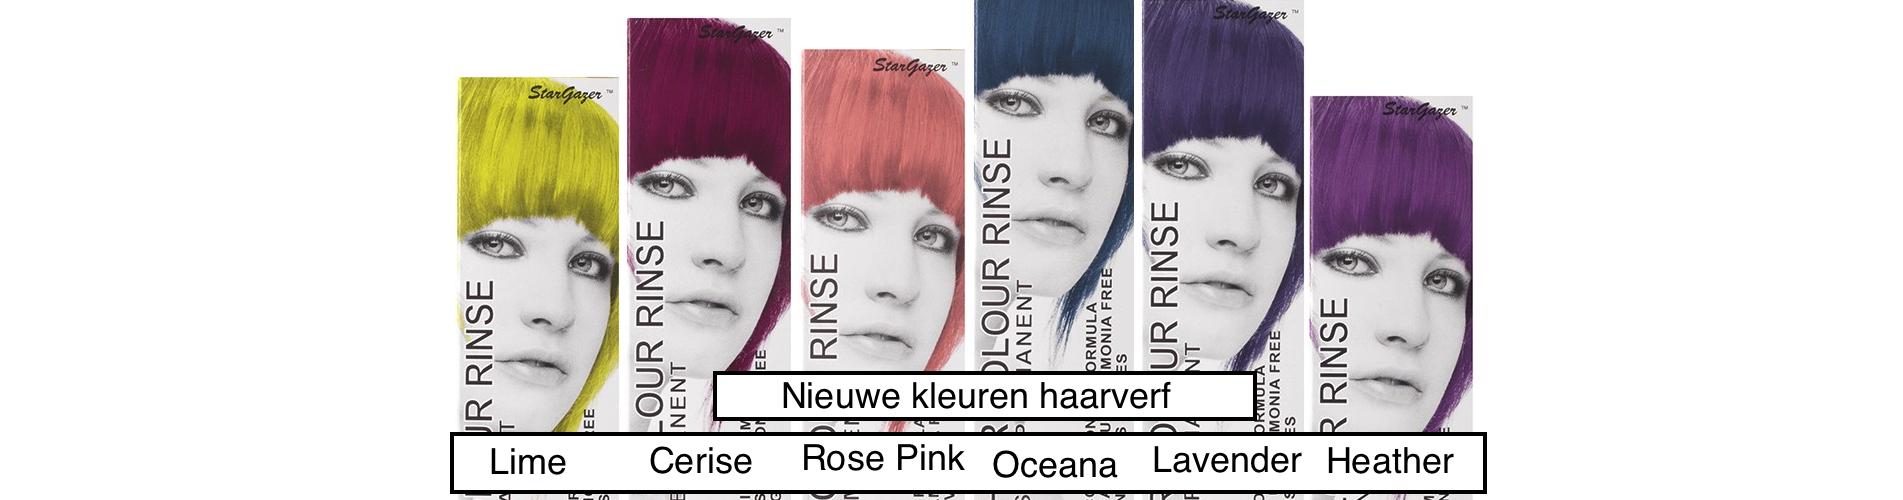 Nieuwe kleuren haarverf